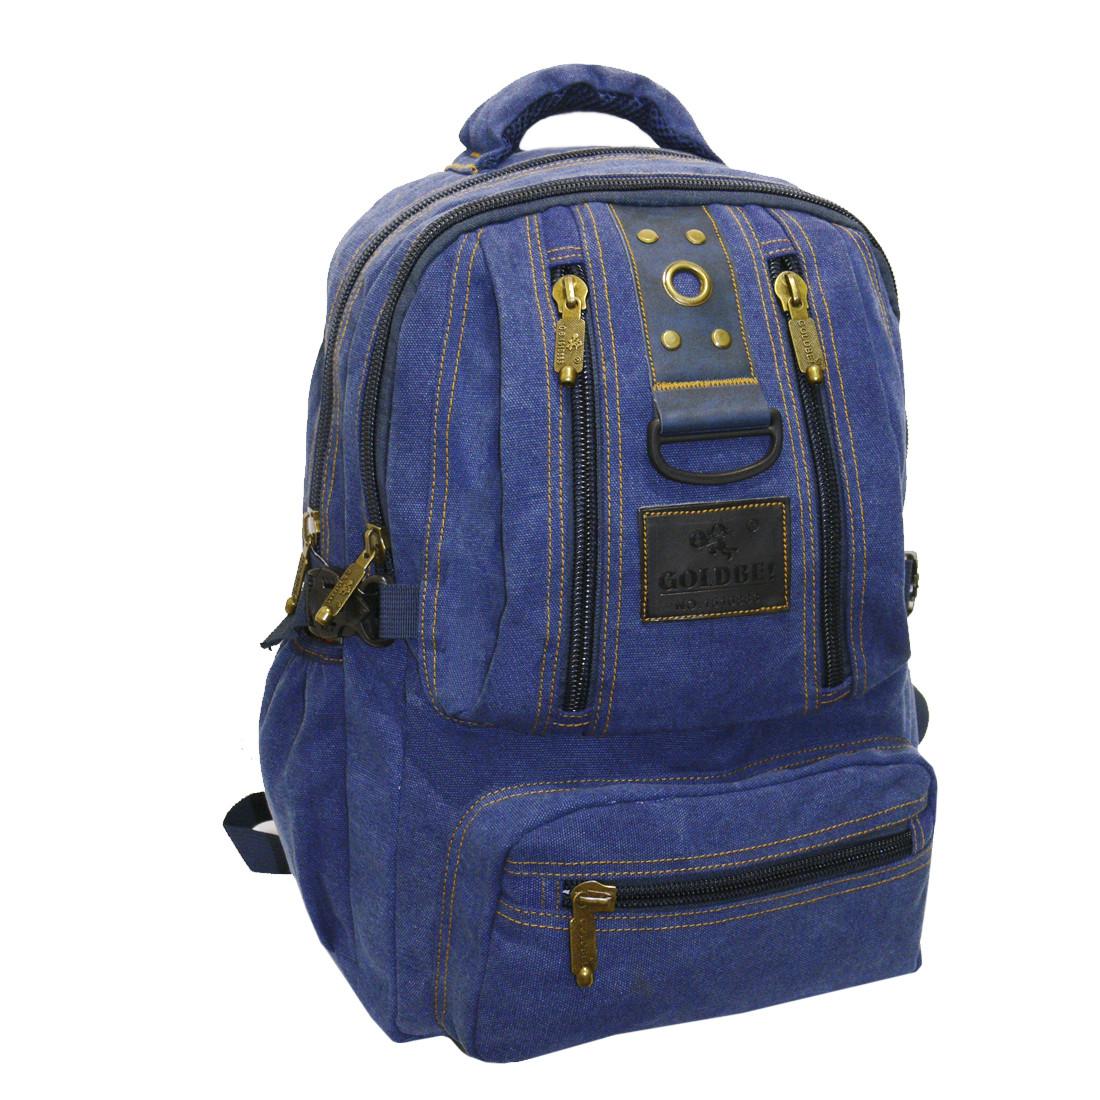 Рюкзак GOLDBE синий 30х43х16 брезент  кс1304синб